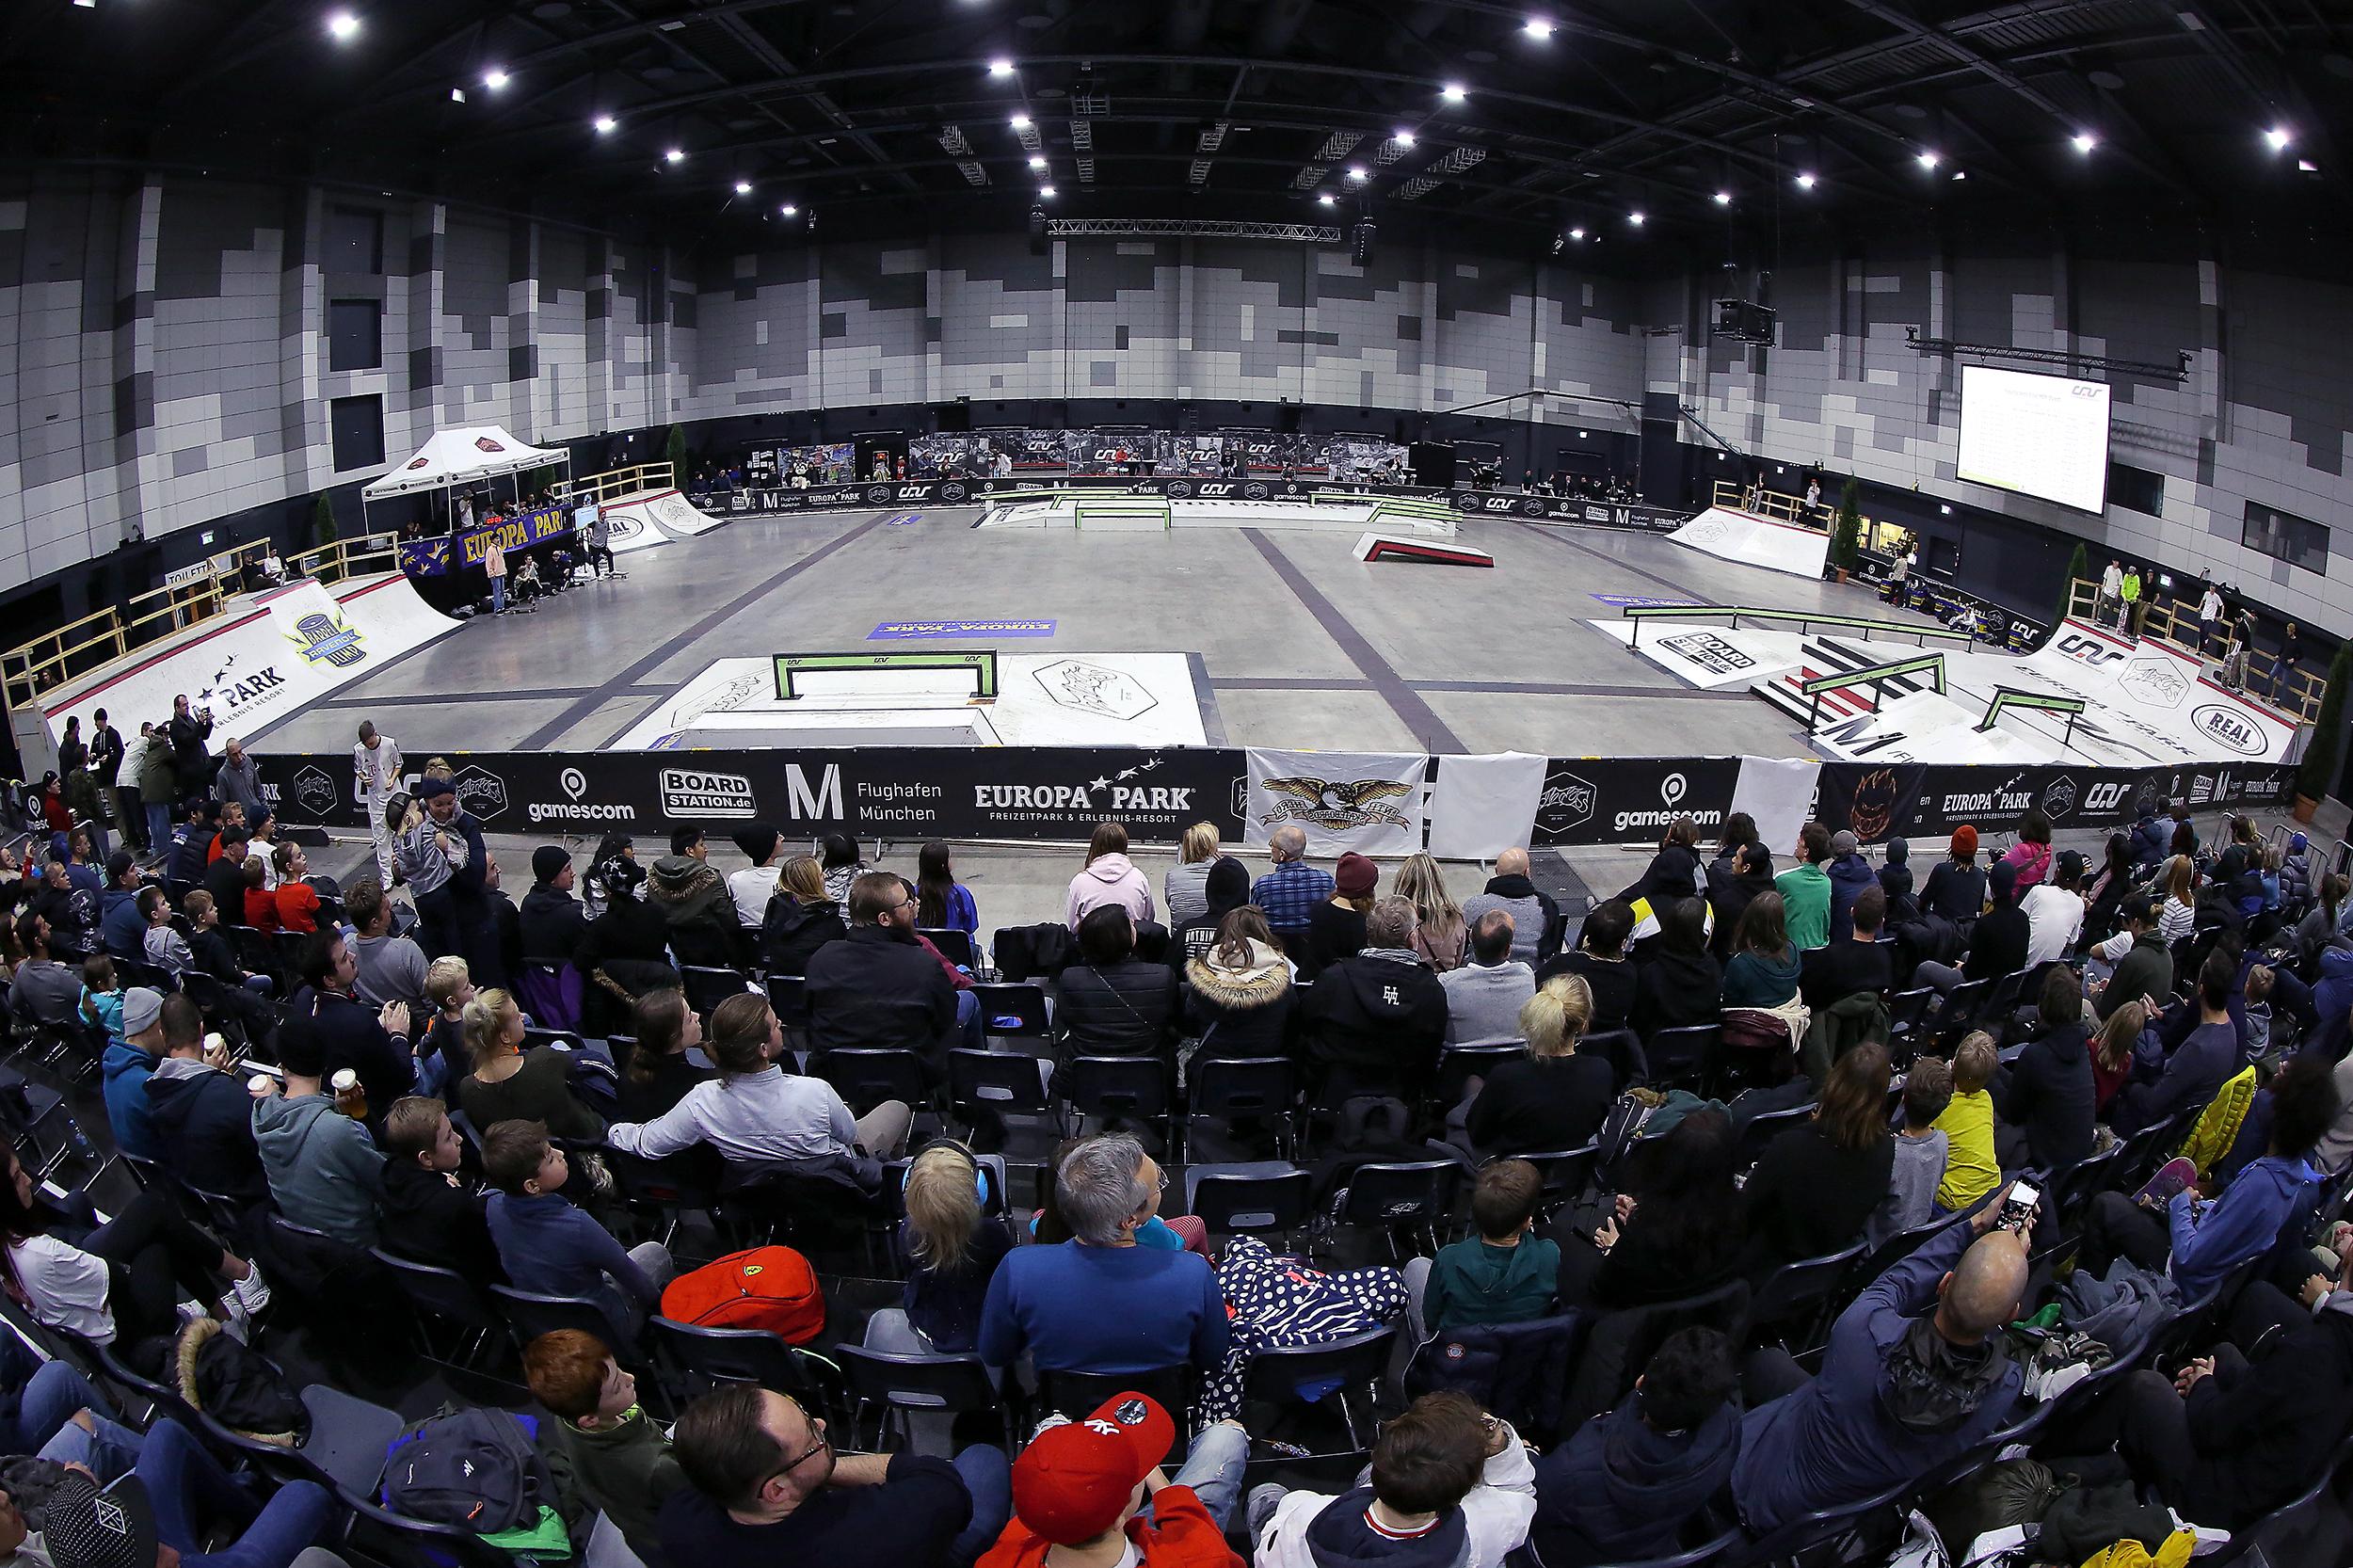 COS Cup 2020 – Süddeutsche Skateboard-Meisterschaft im Europa-Park!